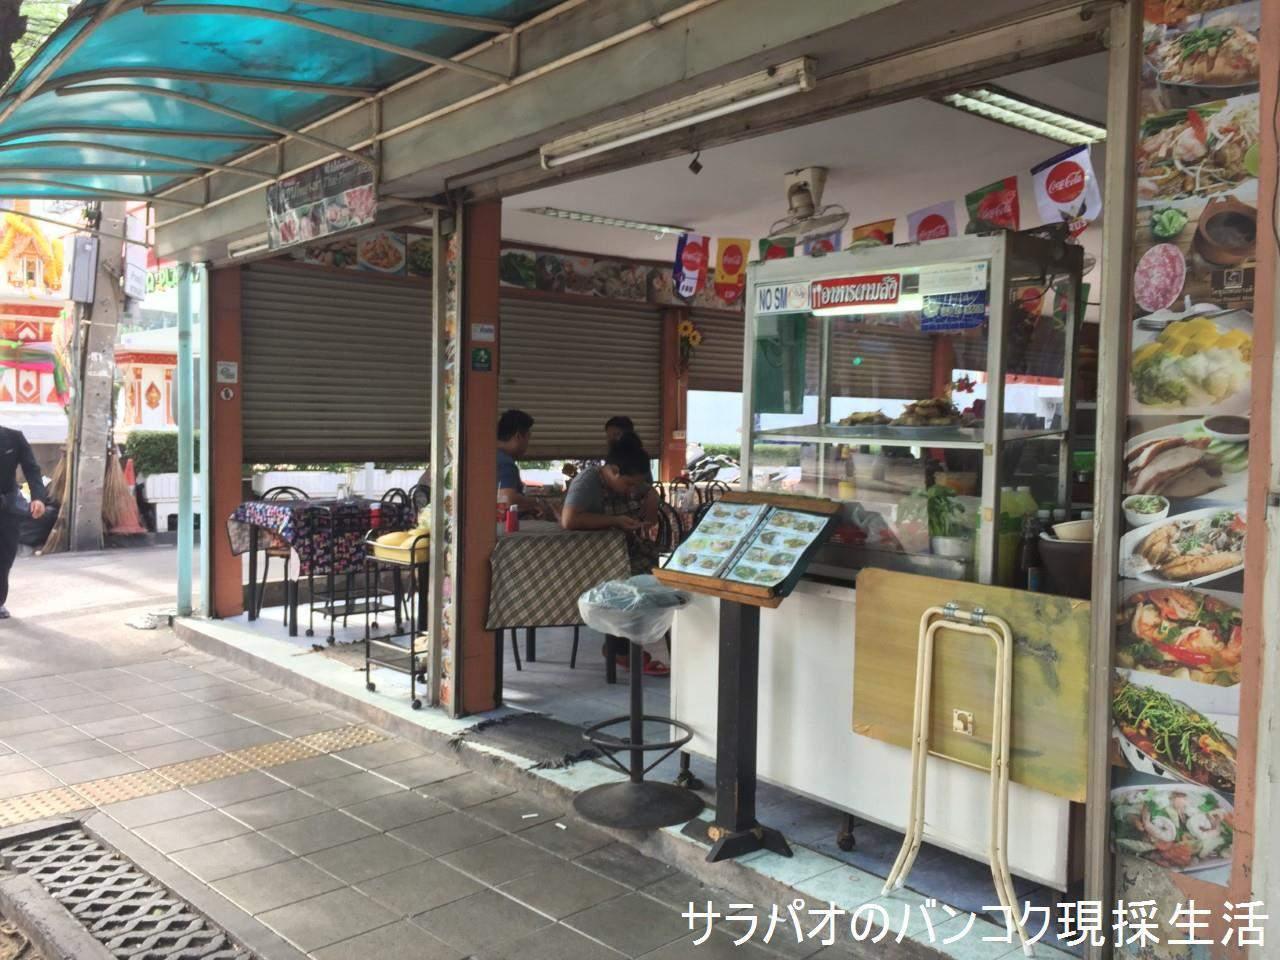 RestaurantRangnam_20.jpg